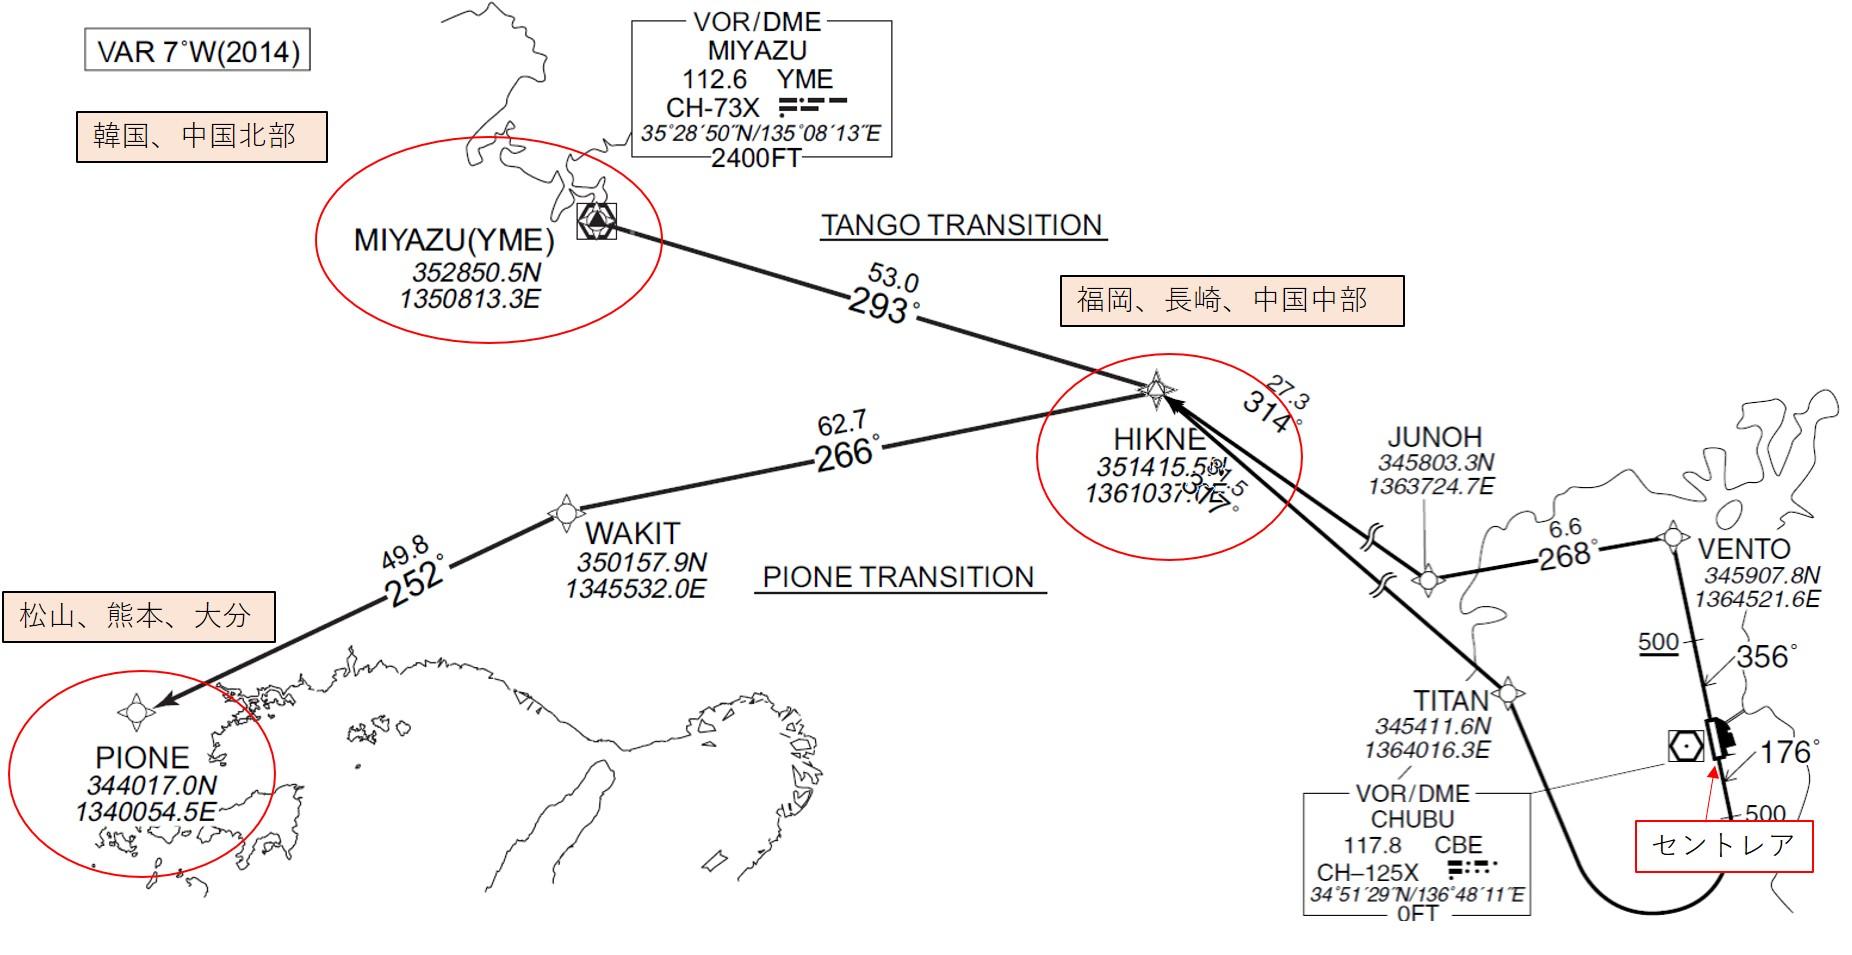 OUMI DEPARTUREの図